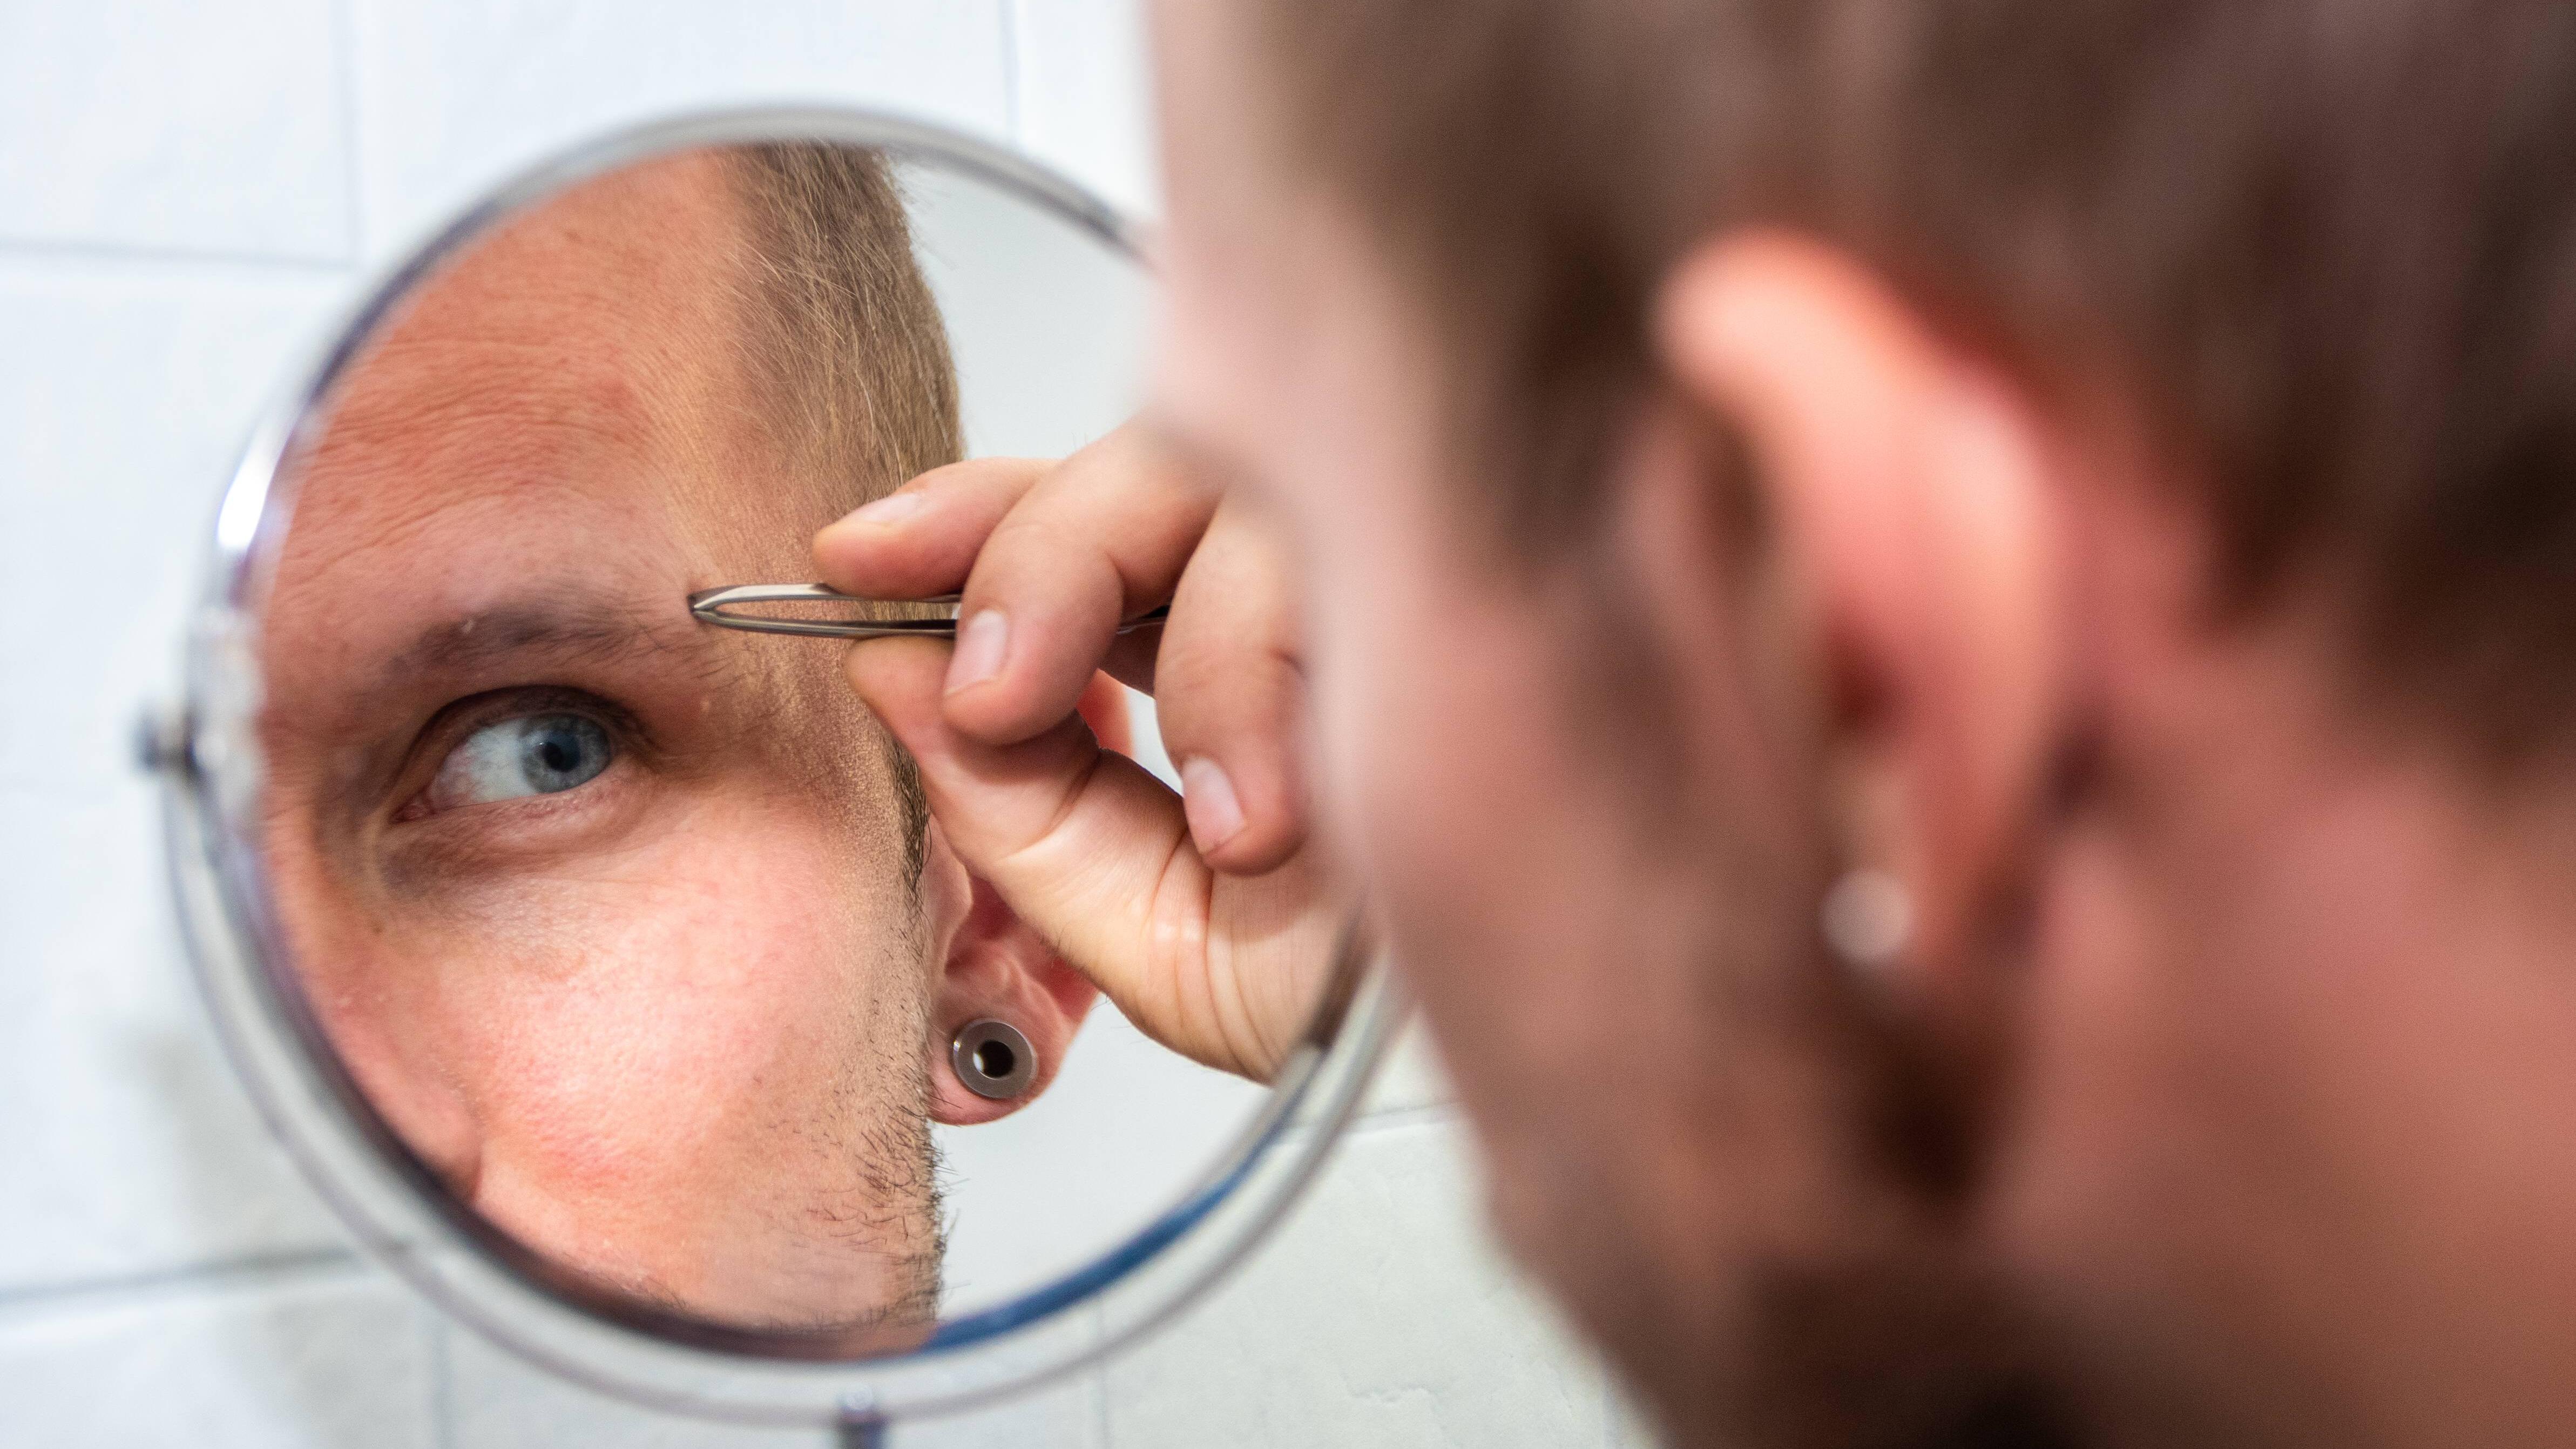 Augenbrauen formen als Mann: Beginnen Sie damit, Ihre Brauen zu stutzen und zu trimmen, um sie anschließend durch das Auszupfen unerwünschter Härchen weiter zu formen.